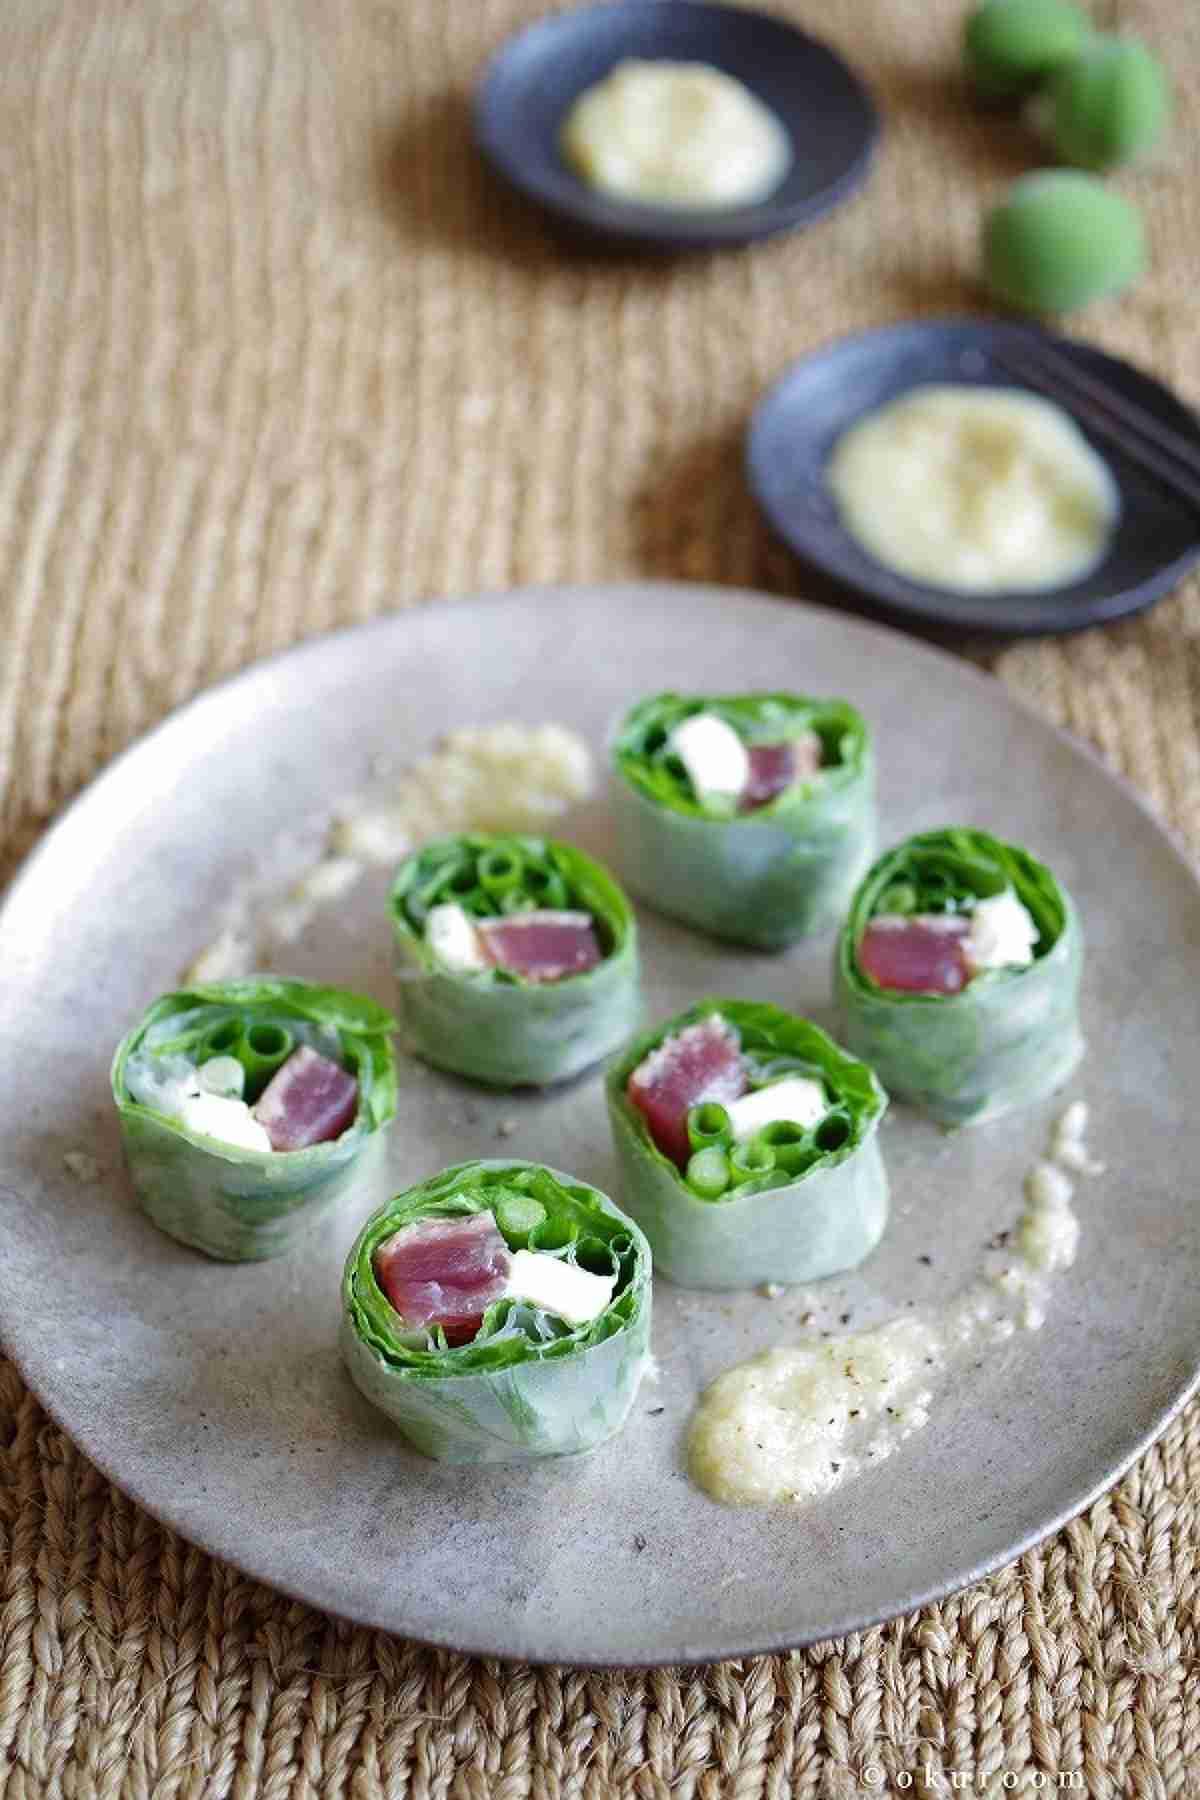 鰹の生春巻き ホースラディッシュソース添え by 齋藤 礼奈 | レシピサイト「Nadia | ナディア」プロの料理を無料で検索